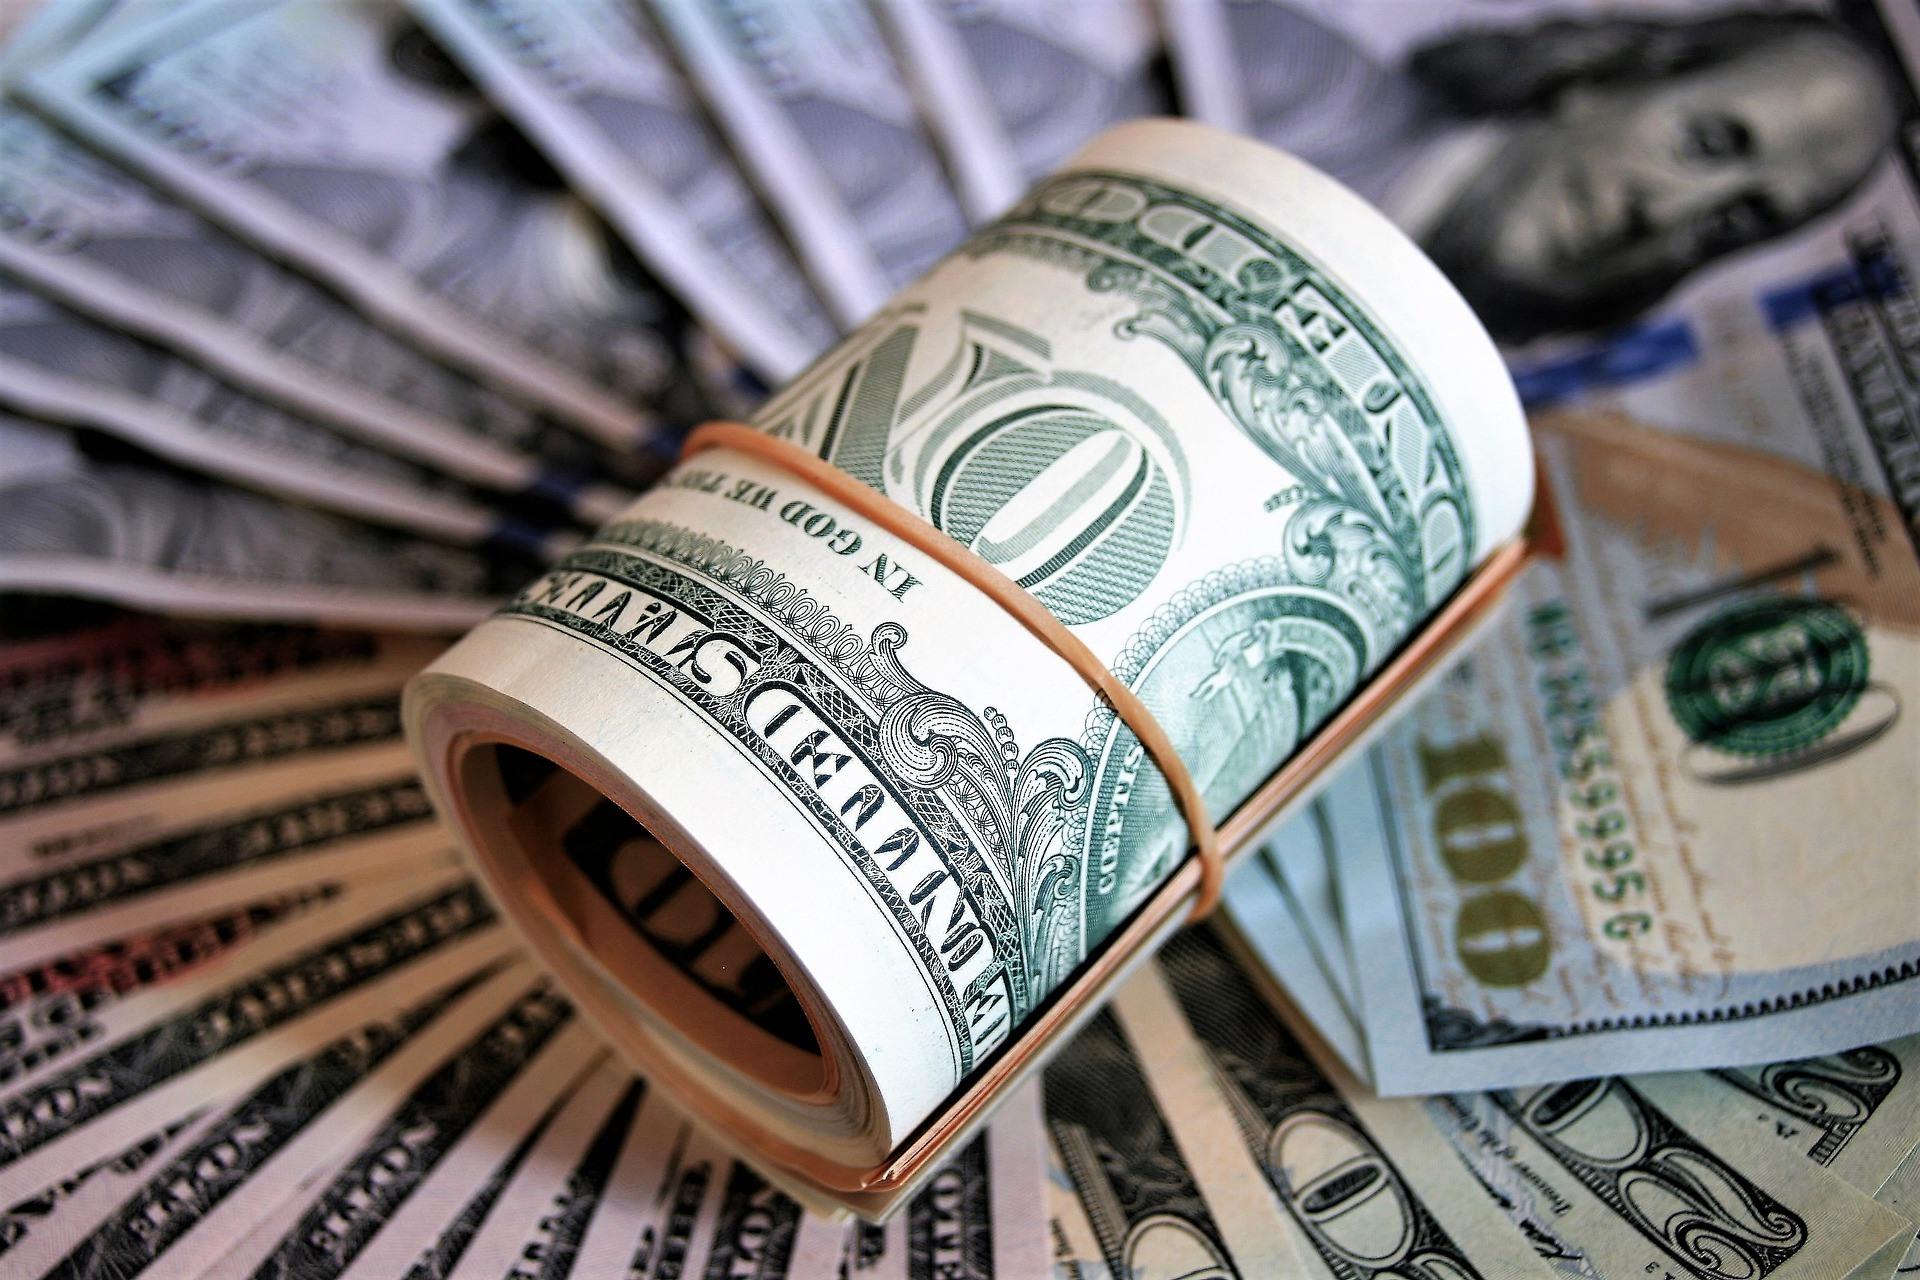 Tỷ giá ngoại tệ 21.3: Ồ ạt mua vào, giá USD chót vót đỉnh 3 năm - giá vàng hôm nay